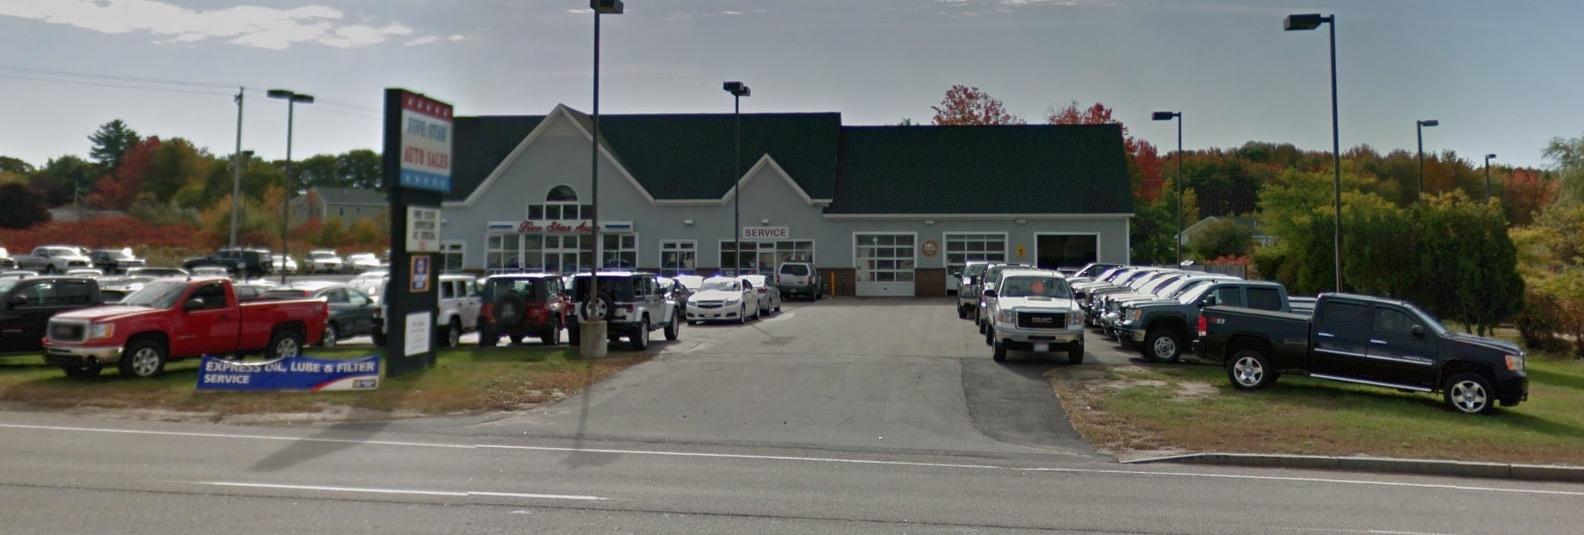 Five Star Auto >> Five Star Auto Sales New England Auto Mall